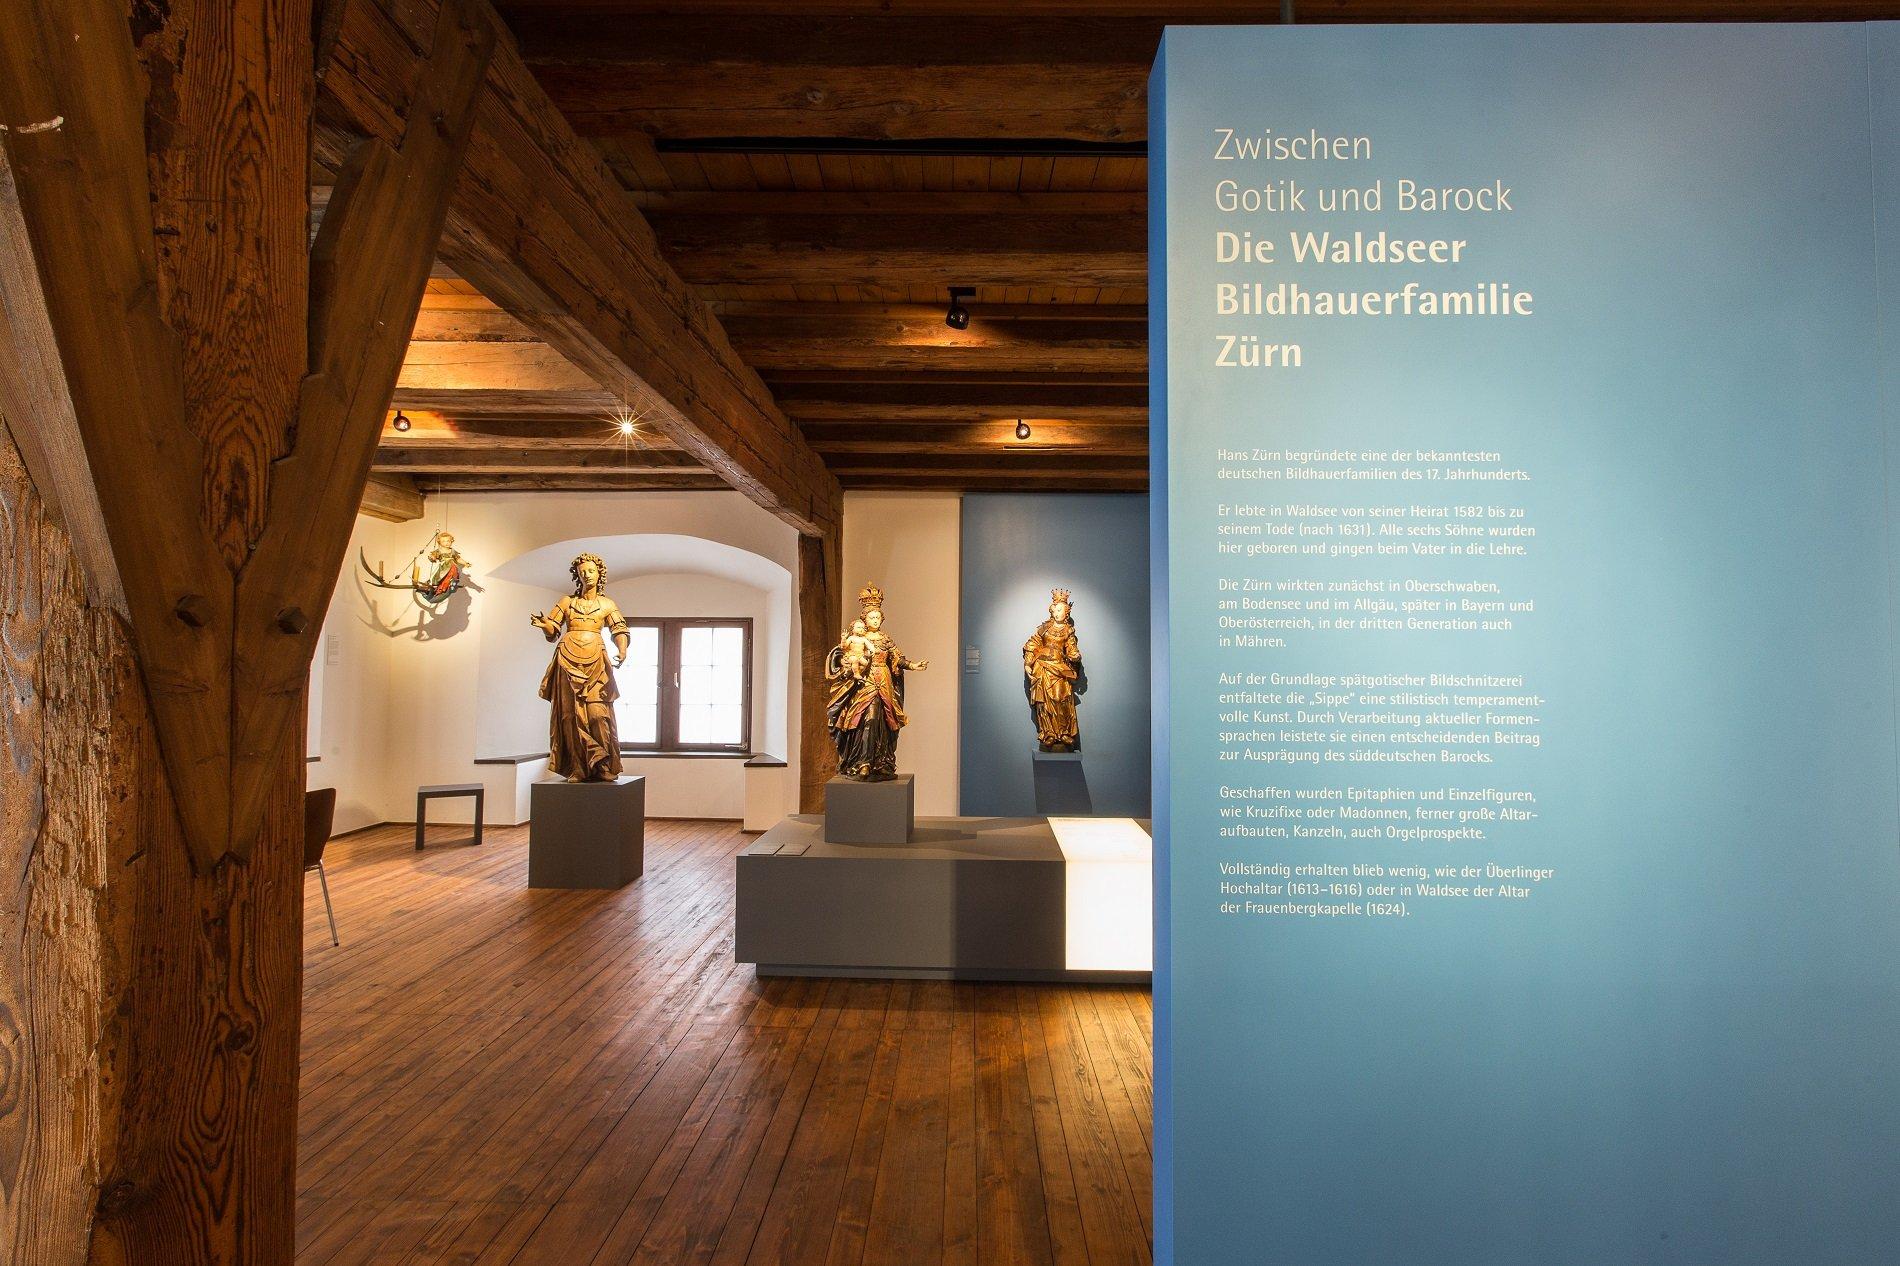 Zürnfiguren im Museum